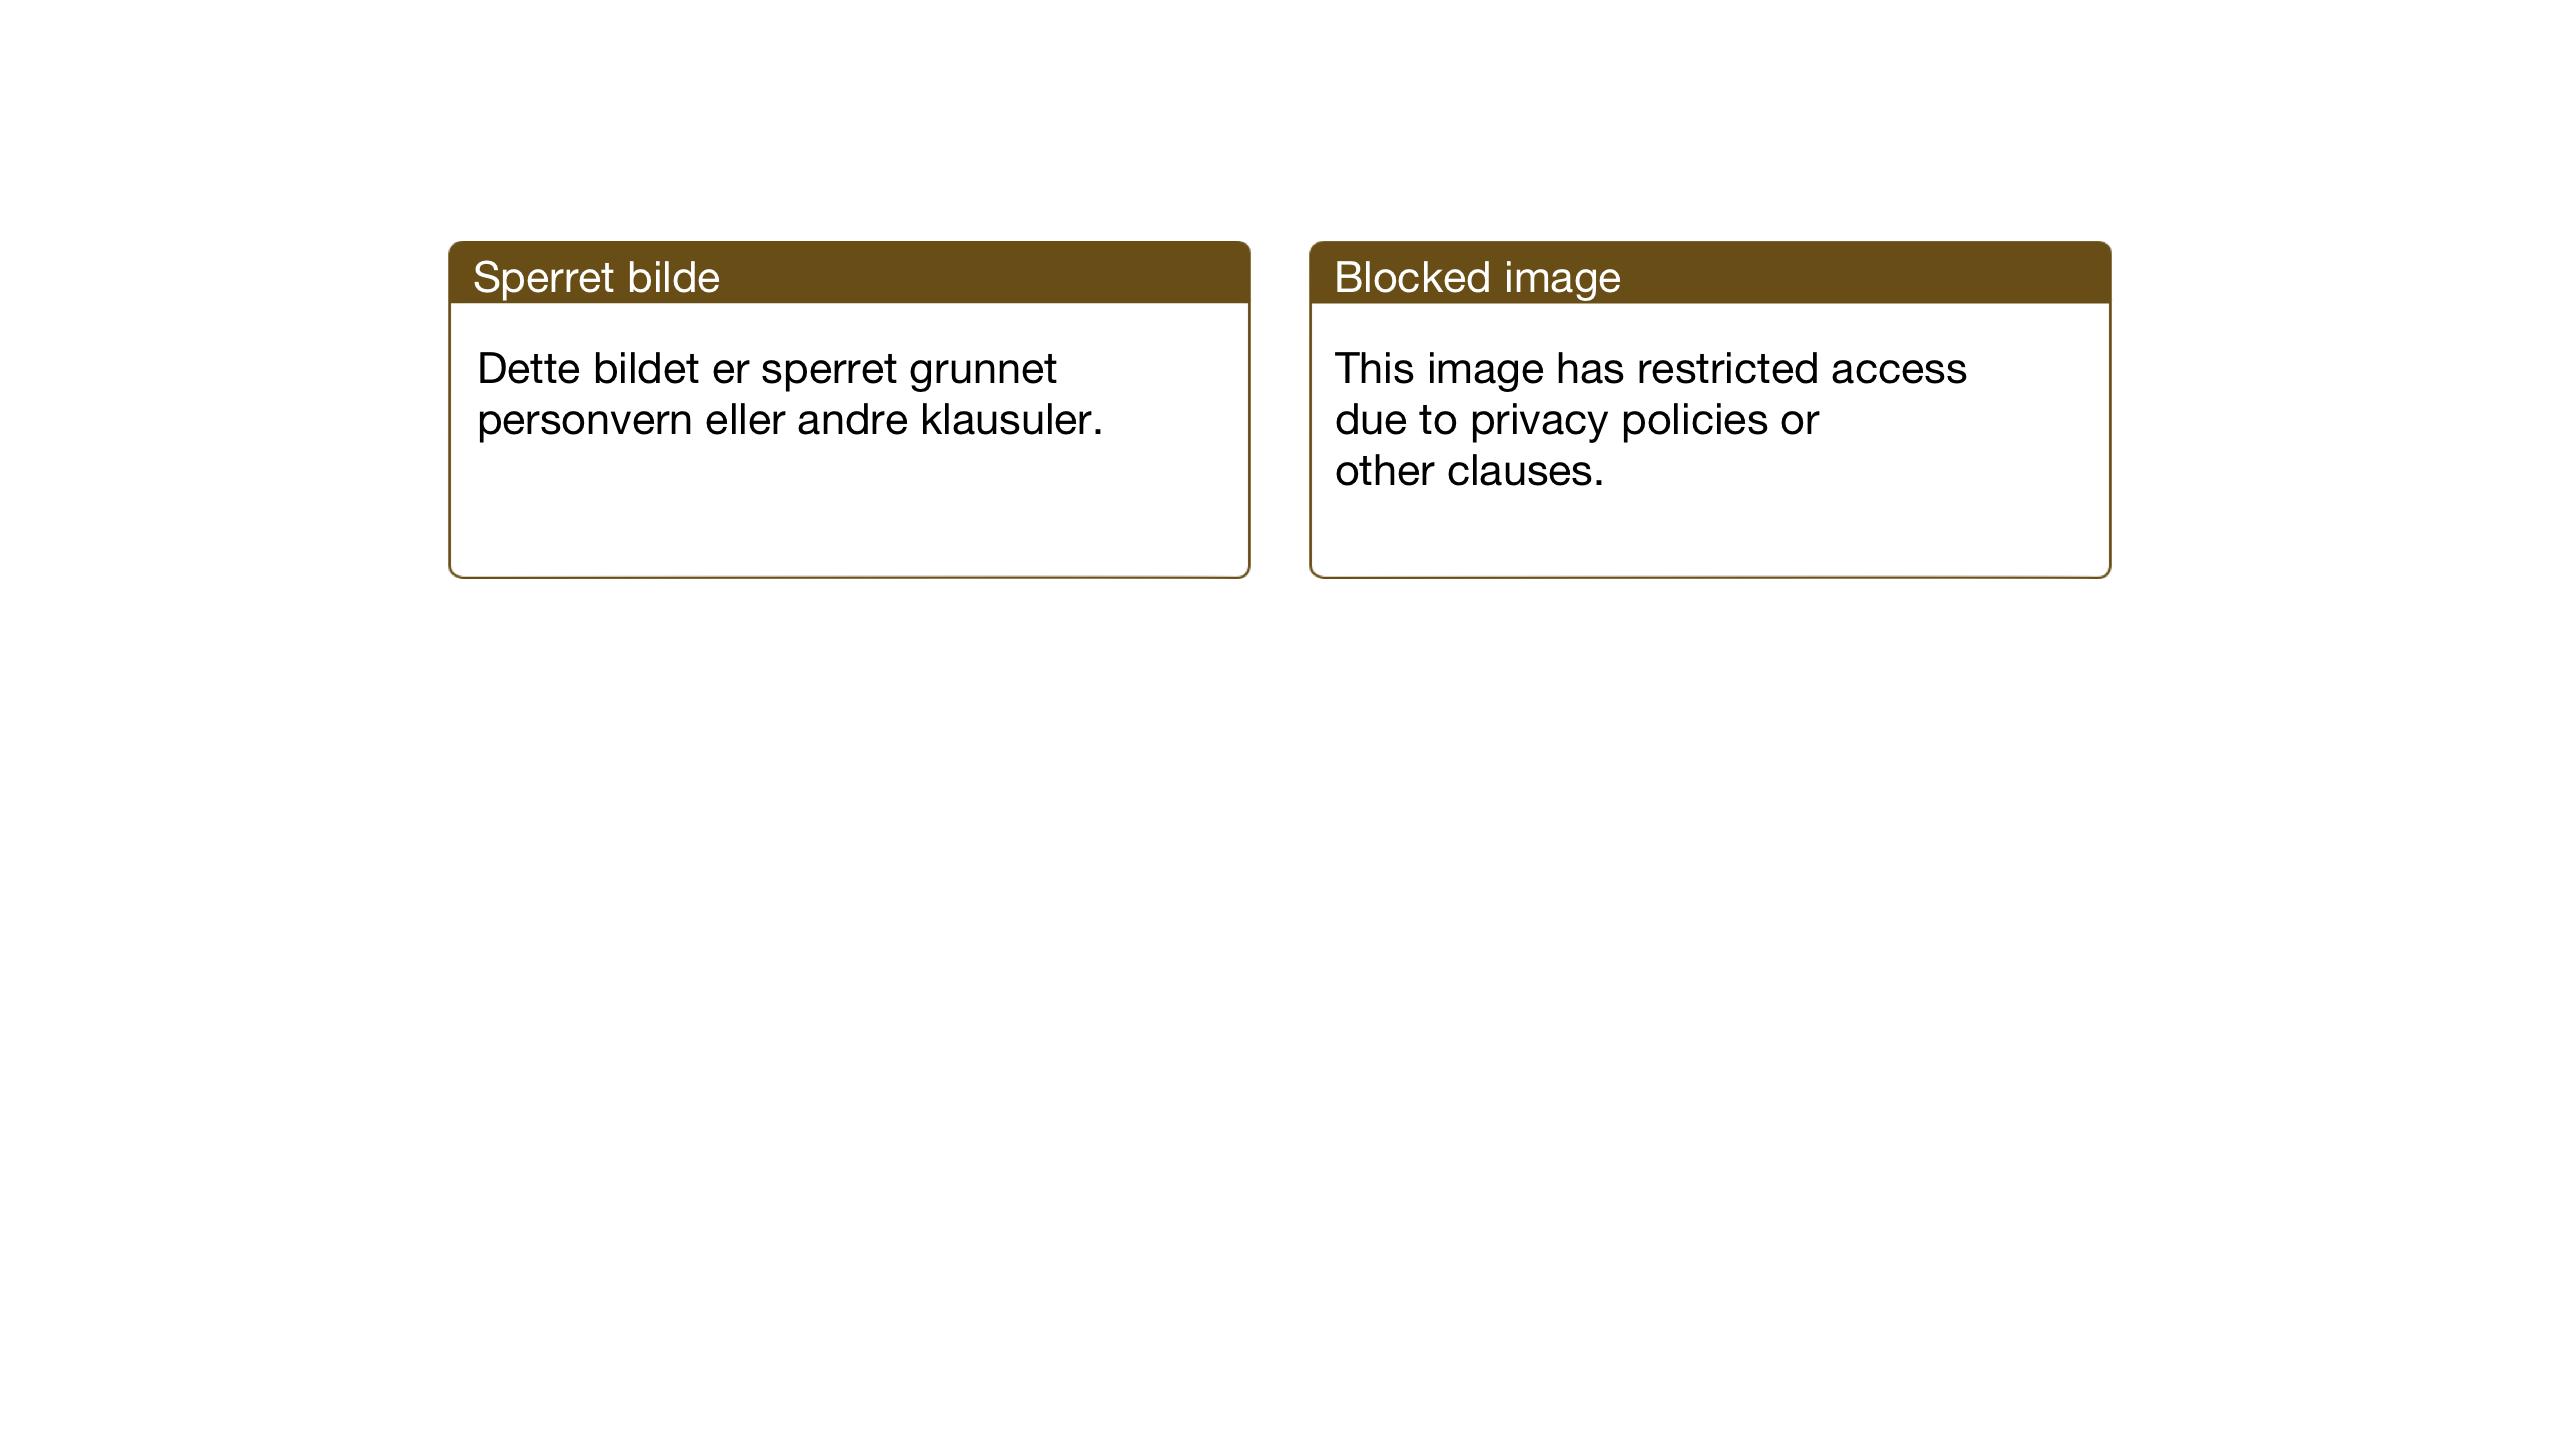 SAT, Ministerialprotokoller, klokkerbøker og fødselsregistre - Sør-Trøndelag, 605/L0259: Klokkerbok nr. 605C06, 1920-1937, s. 279